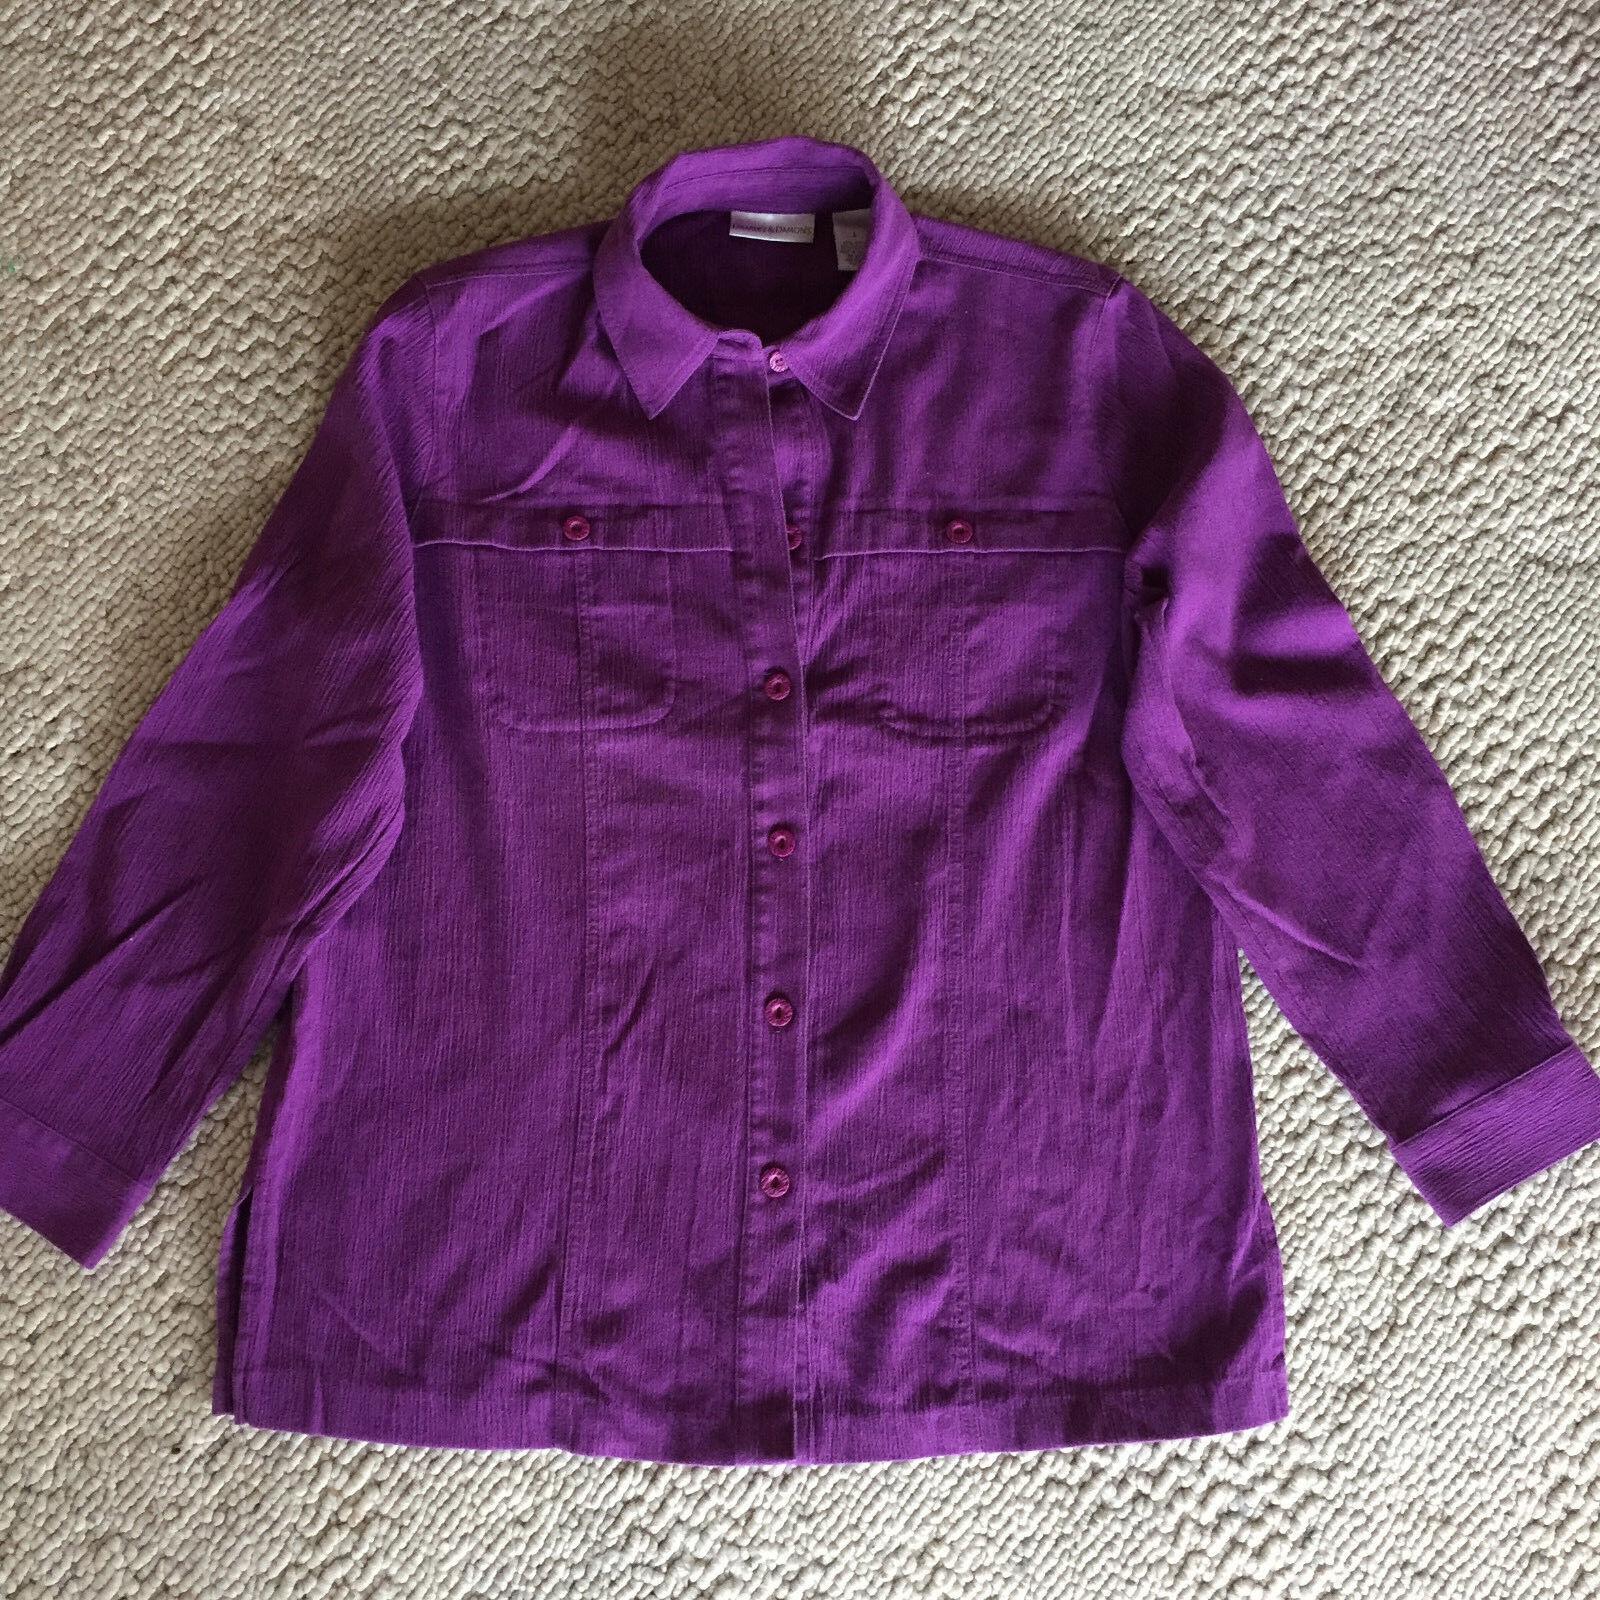 Draper & Damons 3 Piece Outfit Purple Cotton Blend Crinkle Cloth  L